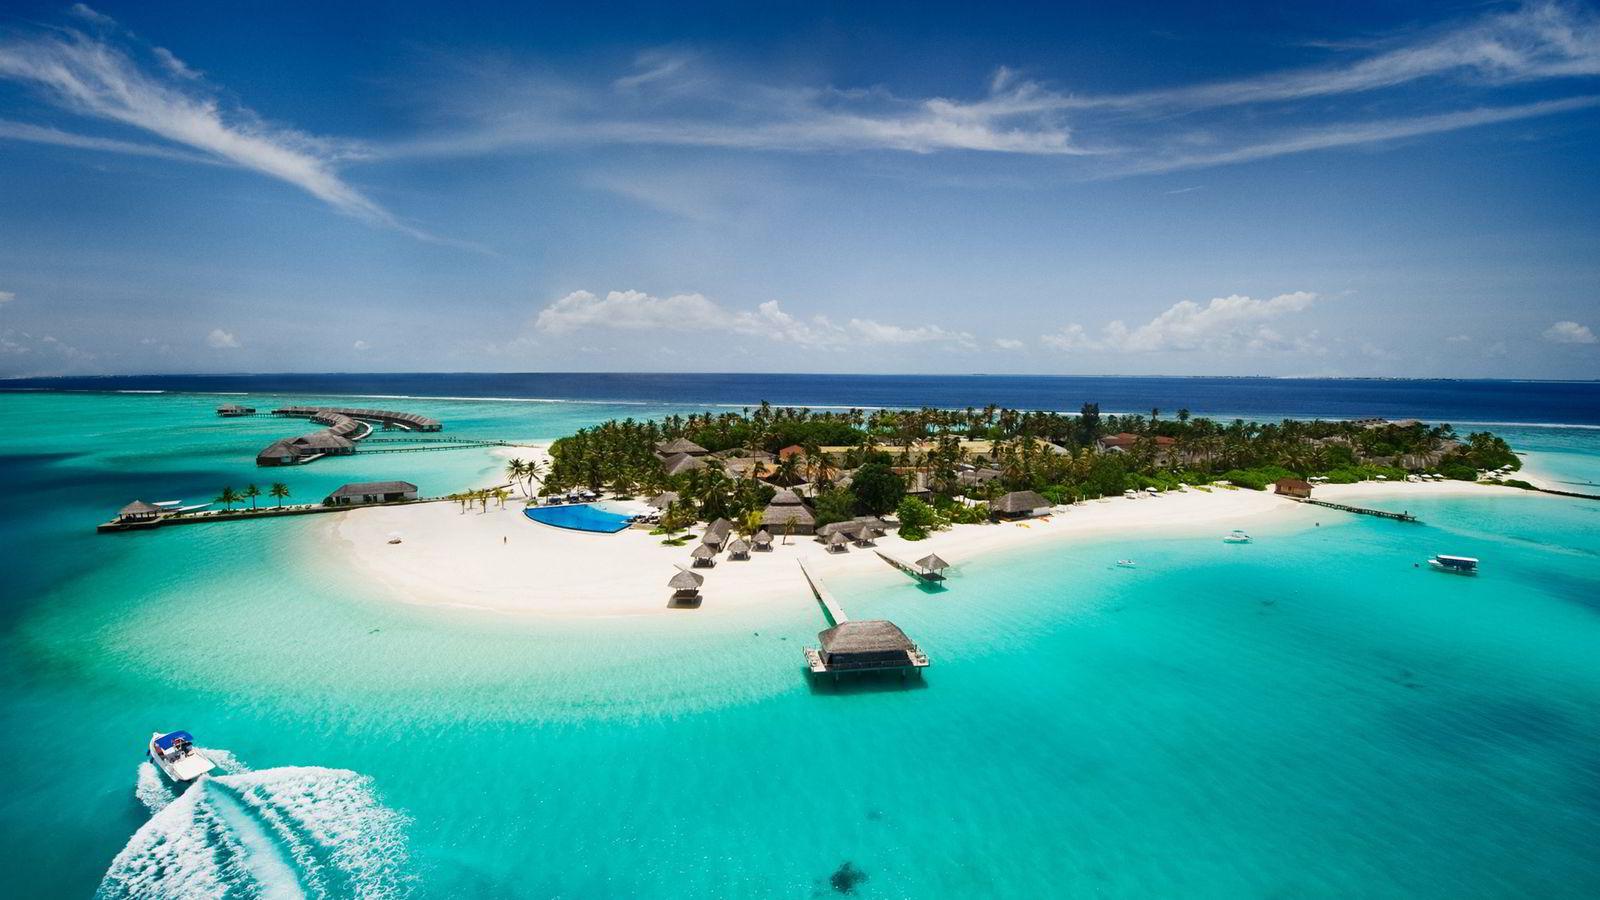 På nettstedet BeachFix kan du liste opp kjennetegnene ved din drømmestrand, og vips så for du forslag til strender, komplett med reisetid og snarveier for å booke hotell og fly. Foto: Istock